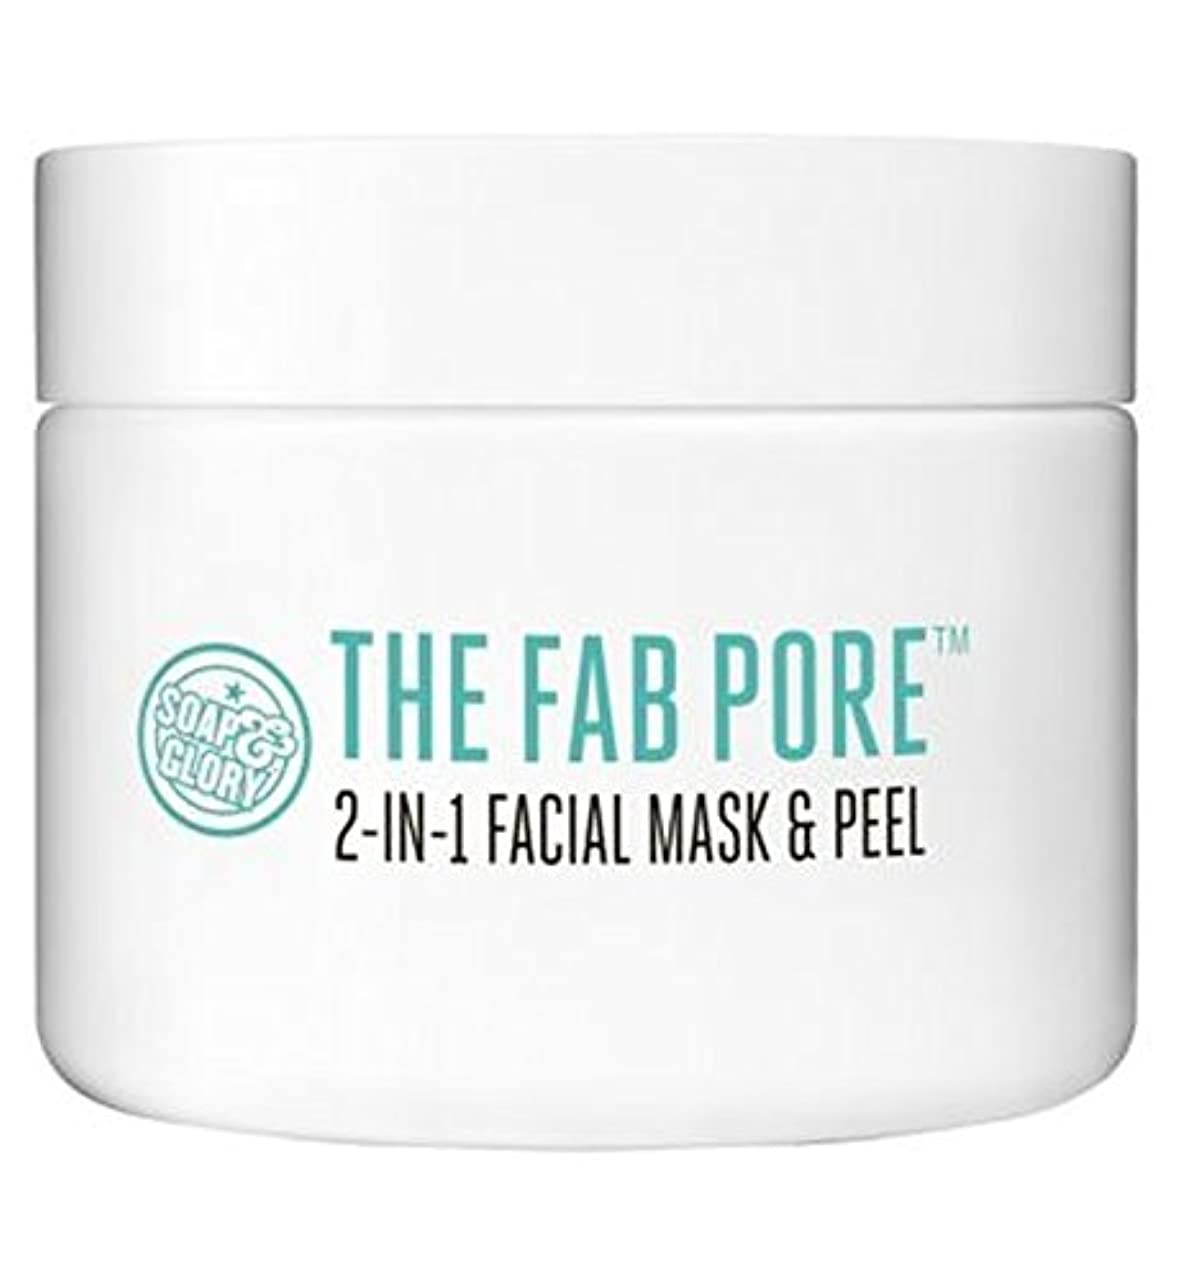 バイアス攻撃ワインファブ細孔?2イン1顔の細孔浄化マスク&ピール?石鹸&栄光 (Soap & Glory) (x2) - Soap & Glory? Fab Pore? 2-in-1 Facial Pore Purifying Mask...